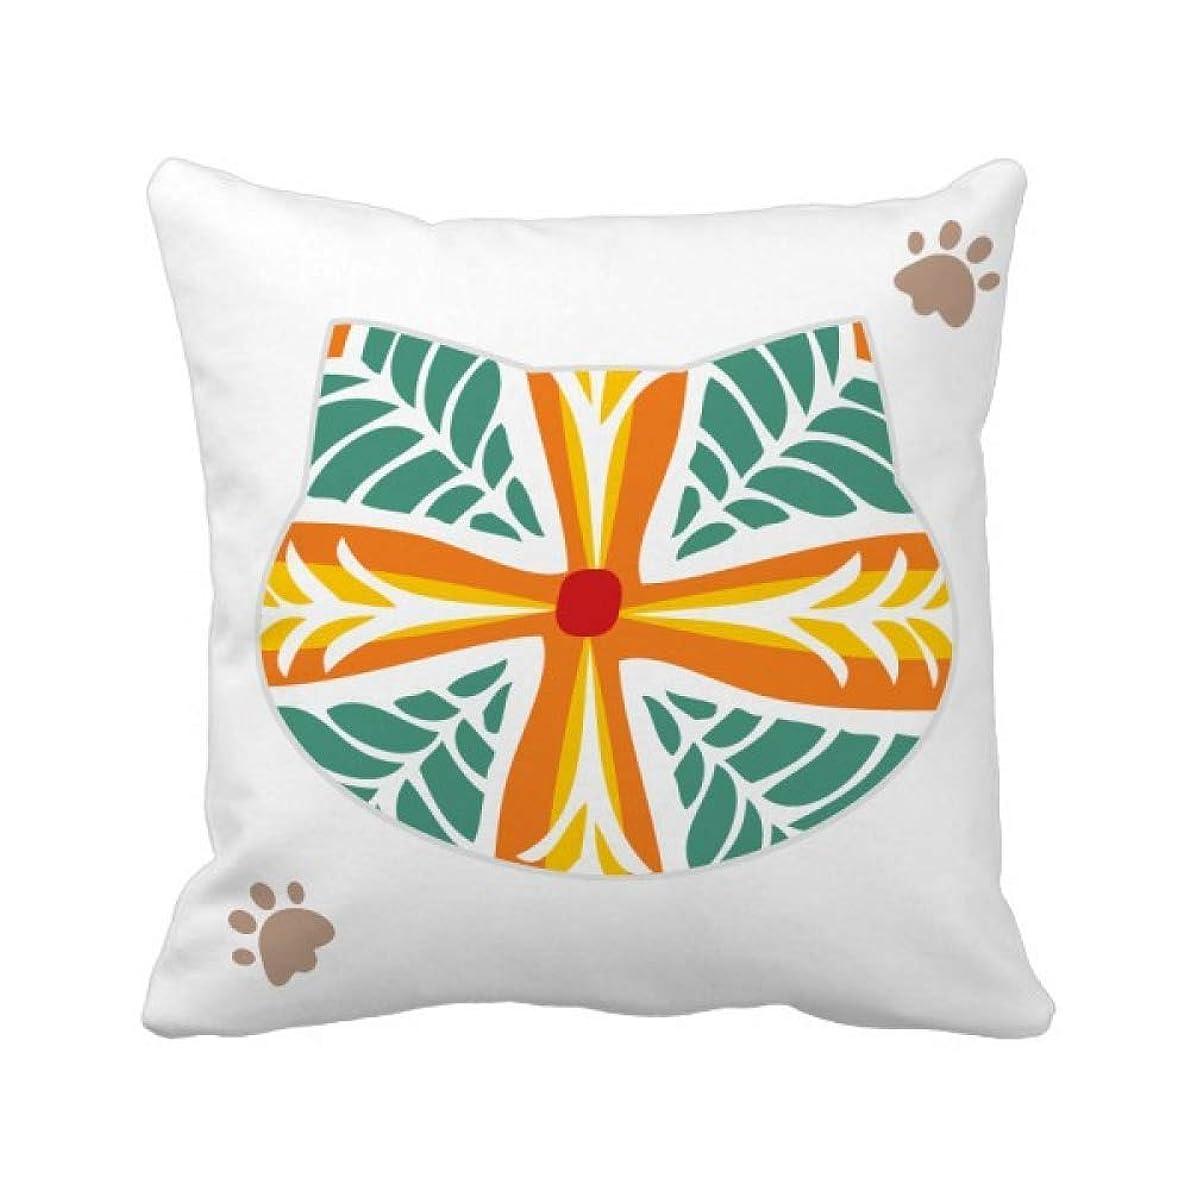 実行枯渇するベル花のパターンメキシコトーテムの古代文明の描画 枕カバーを放り投げる猫広場 50cm x 50cm